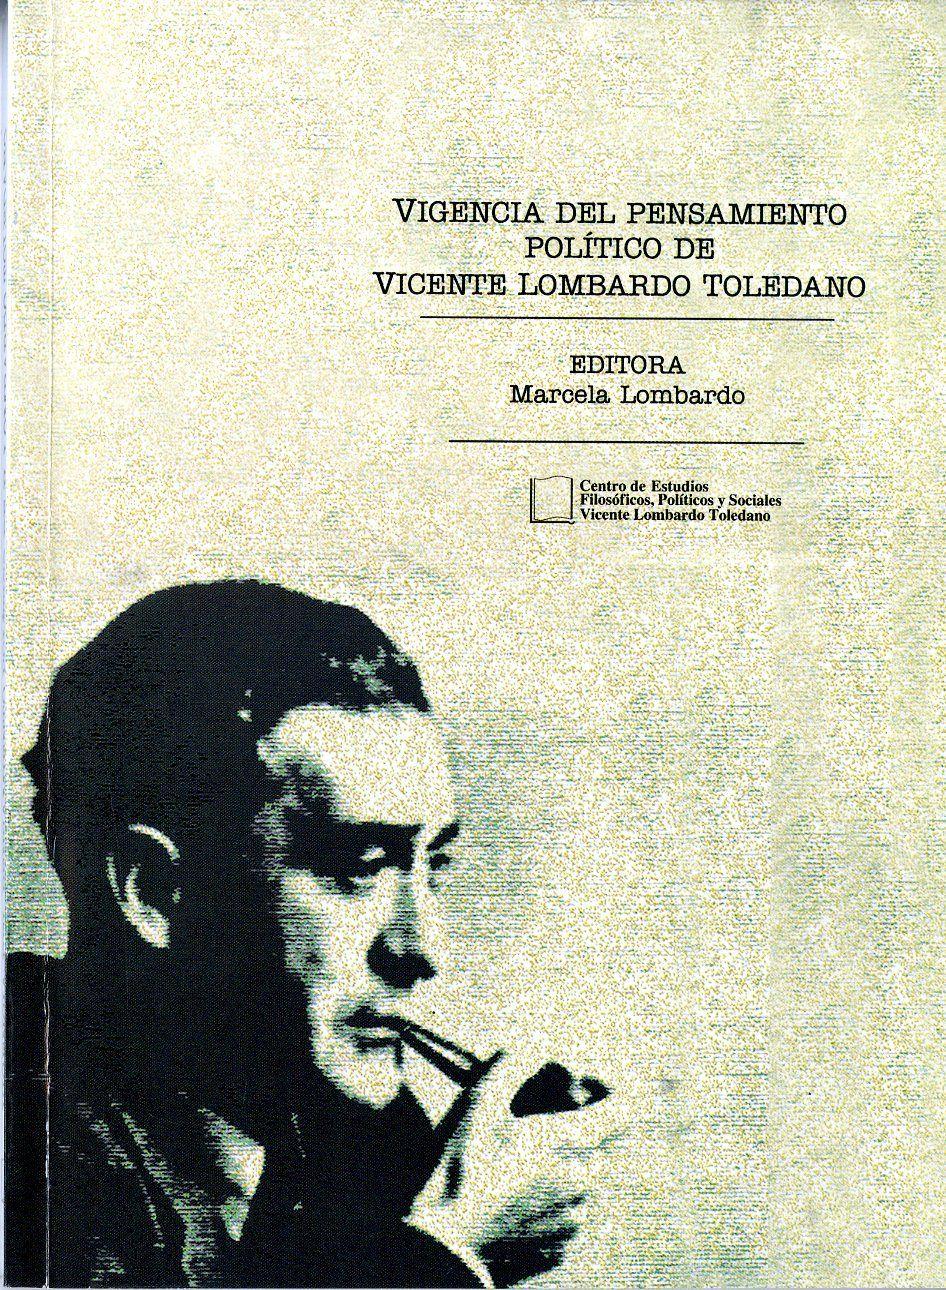 Portada del libro: VIGENCIA DEL PENSAMIENTO POLÍTICO DE VICENTE LOMBARDO TOLEDANO